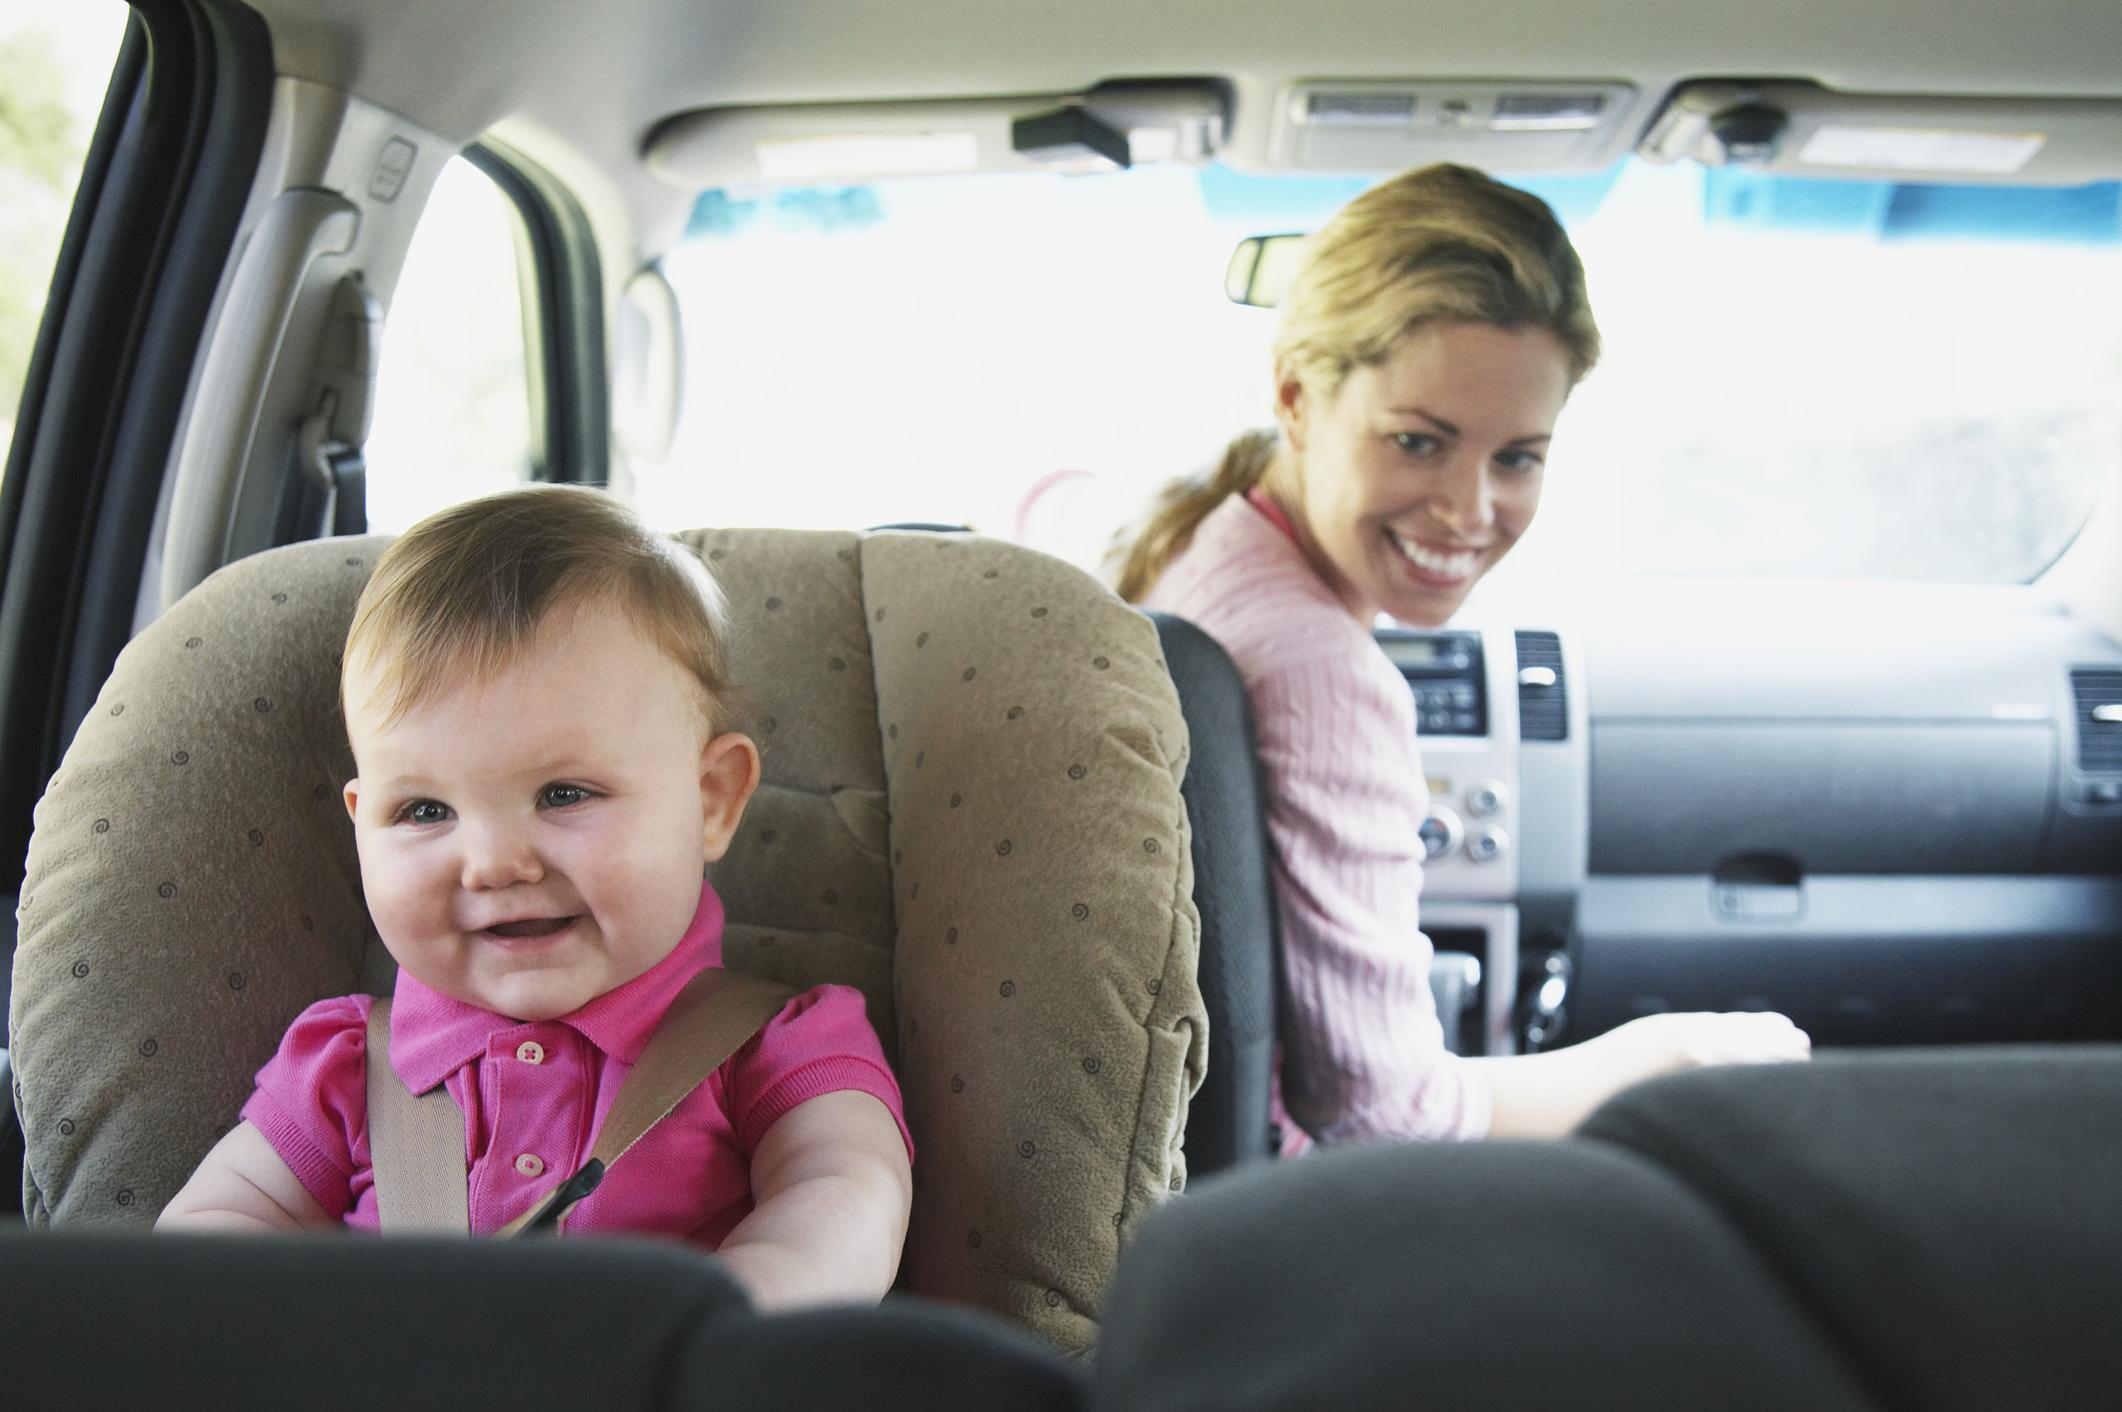 Mitos e verdades sobre o uso da cadeirinha infantil no carro